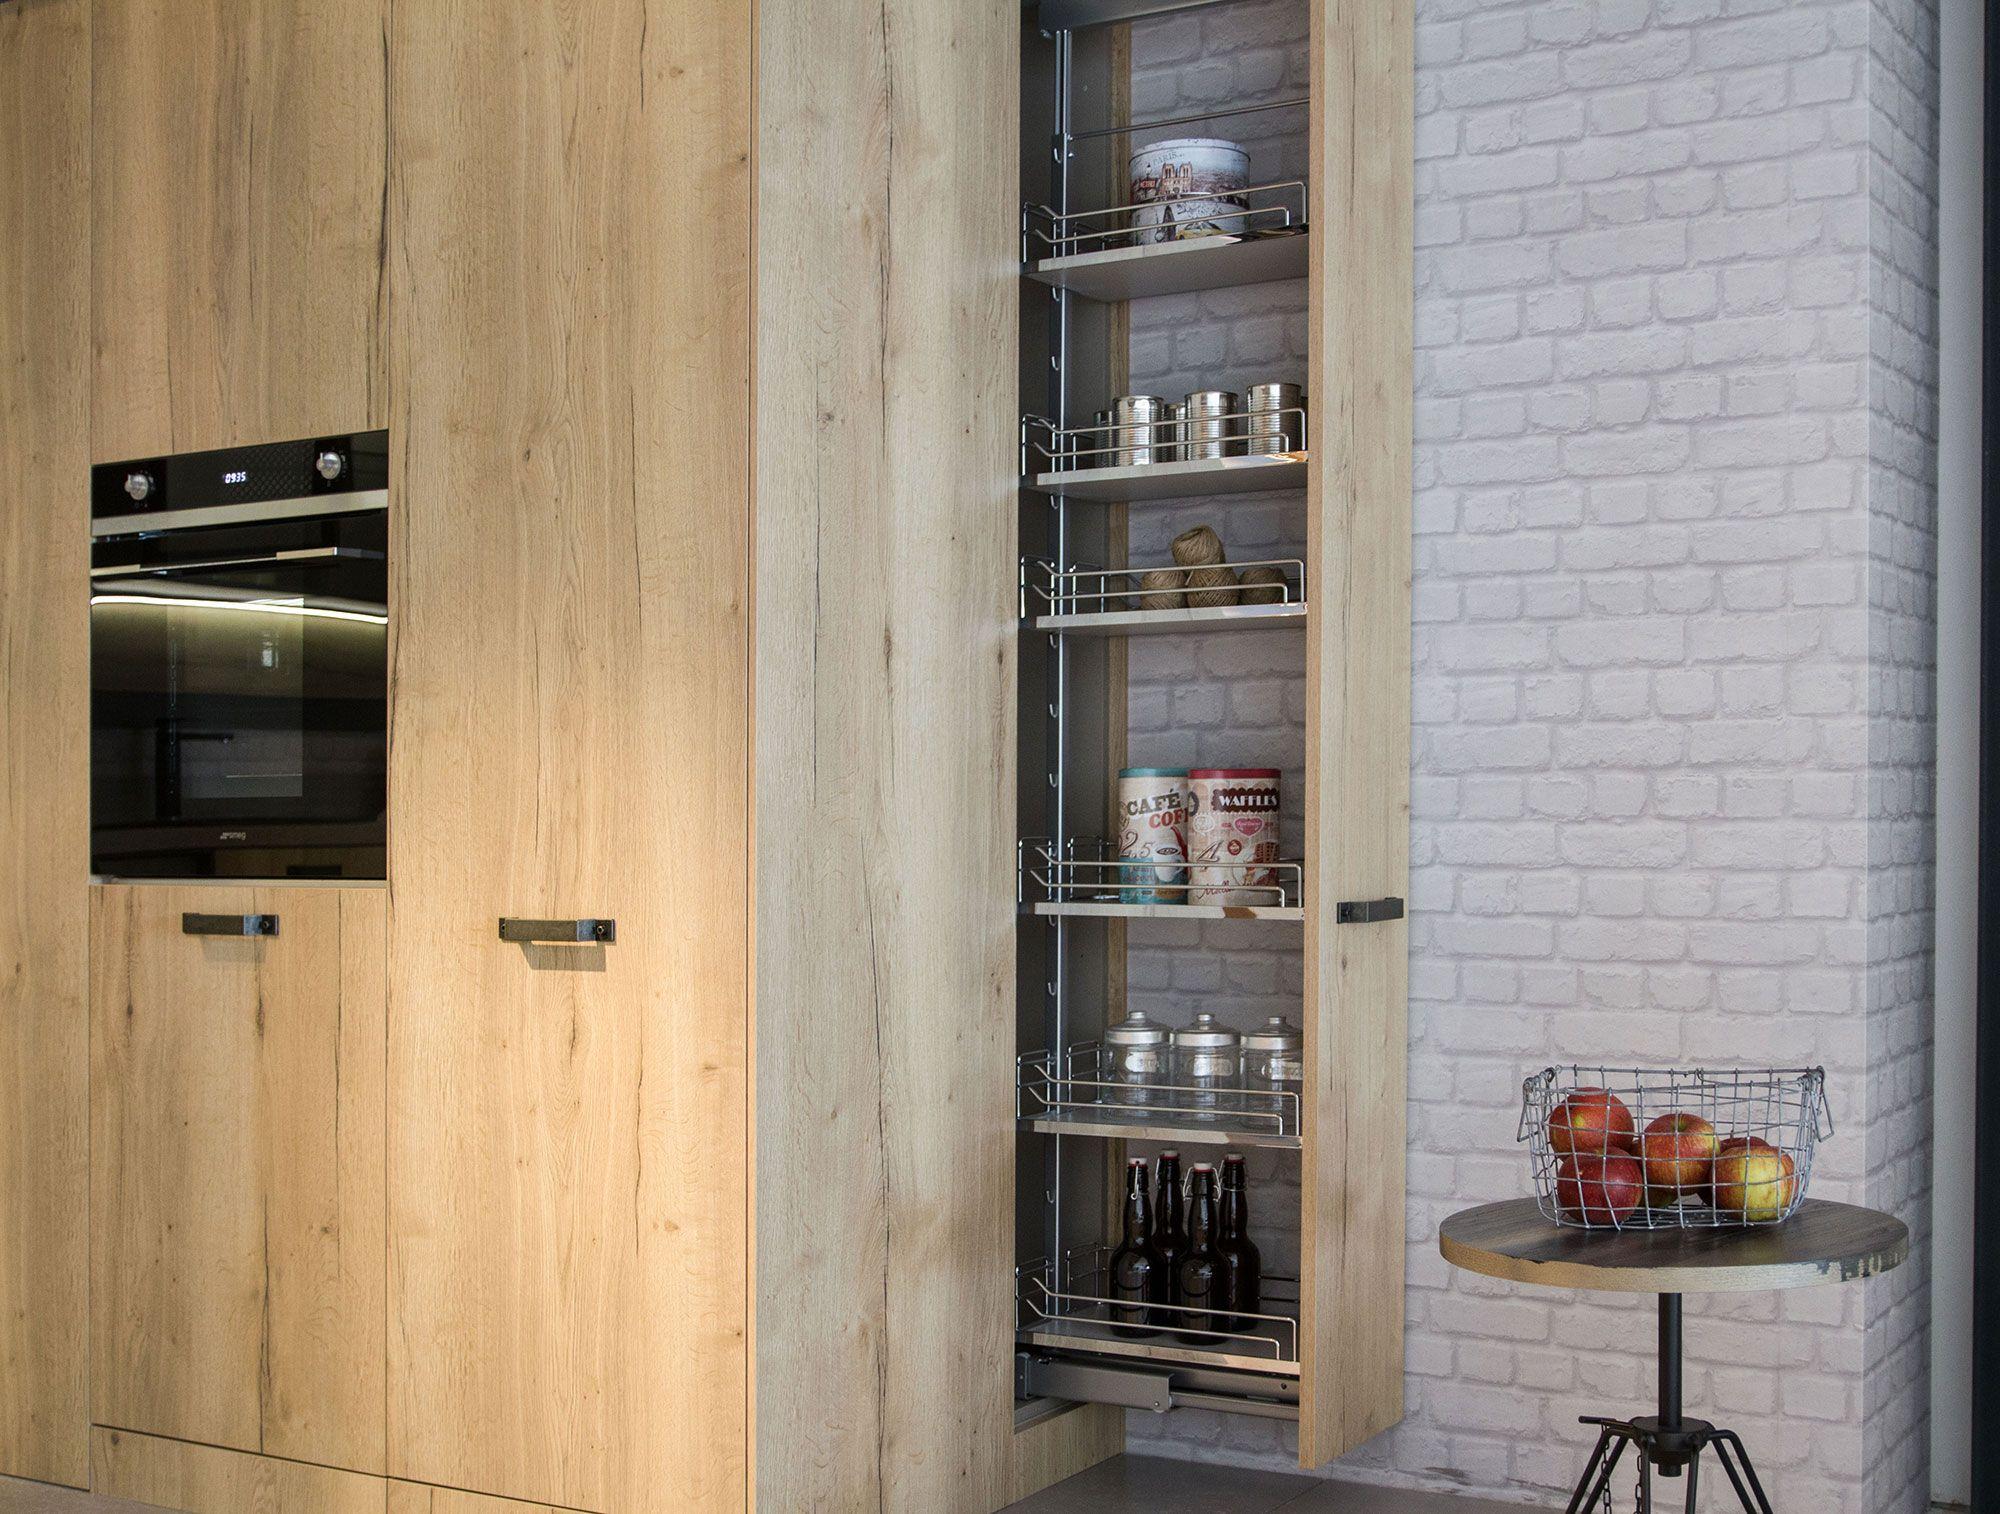 Cucine in legno: design moderno con Loft di Snaidero | Snaidero ...